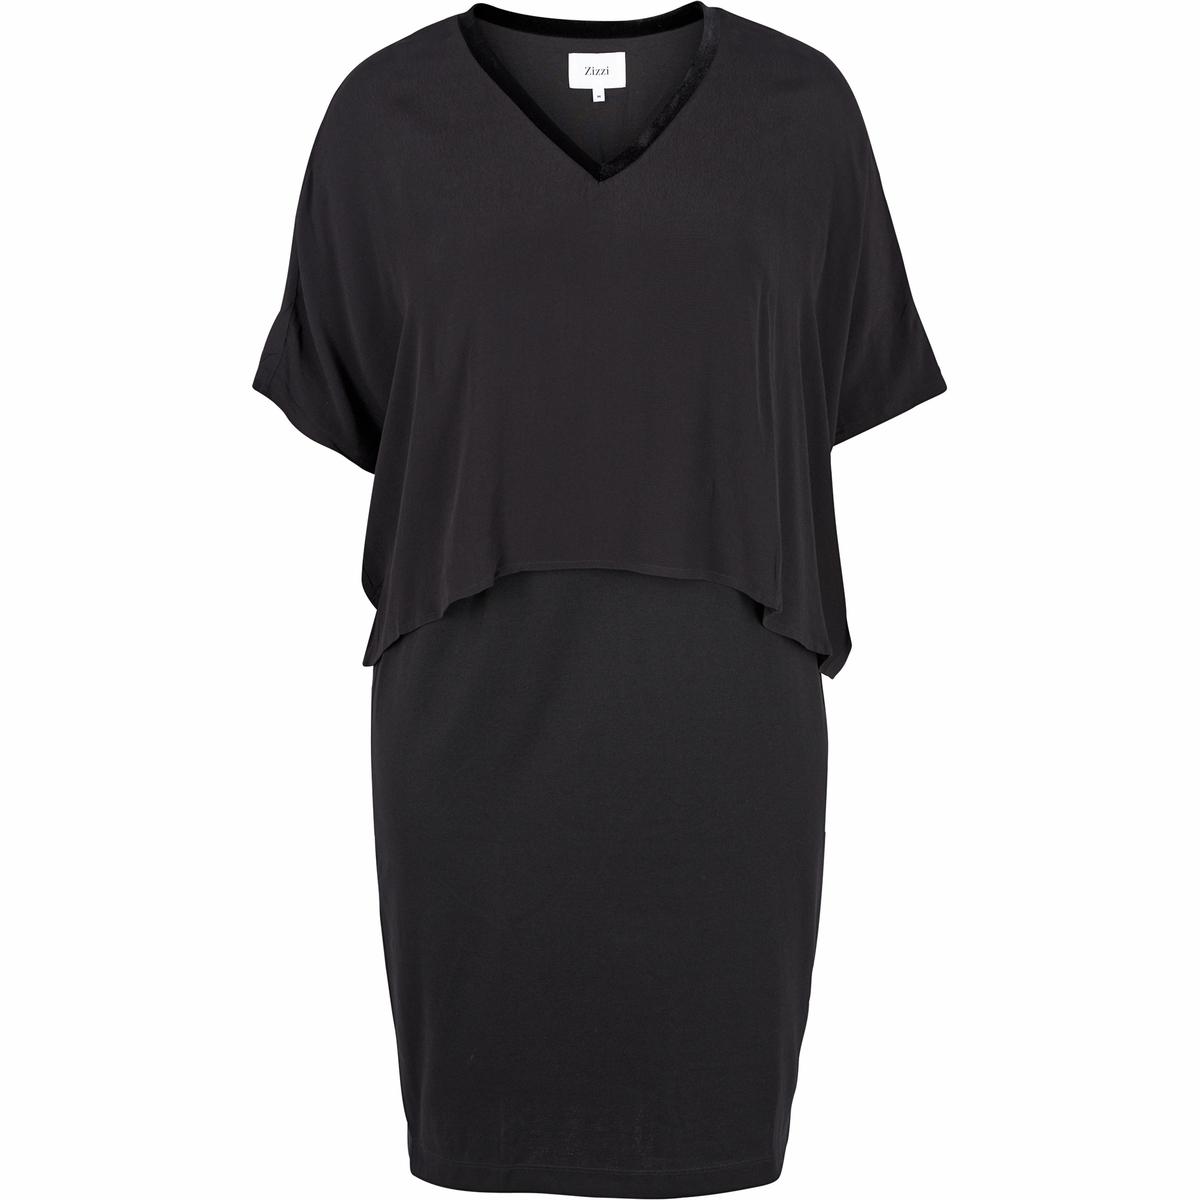 ПлатьеПлатье с красивой внутренней частью из облегающей тело вискозы. Красивая внешняя часть платья придает ему утонченный и женственный внешний вид. V-образный вырез, рукава до локтей.<br><br>Цвет: черный<br>Размер: 42/44 (FR) - 48/50 (RUS)